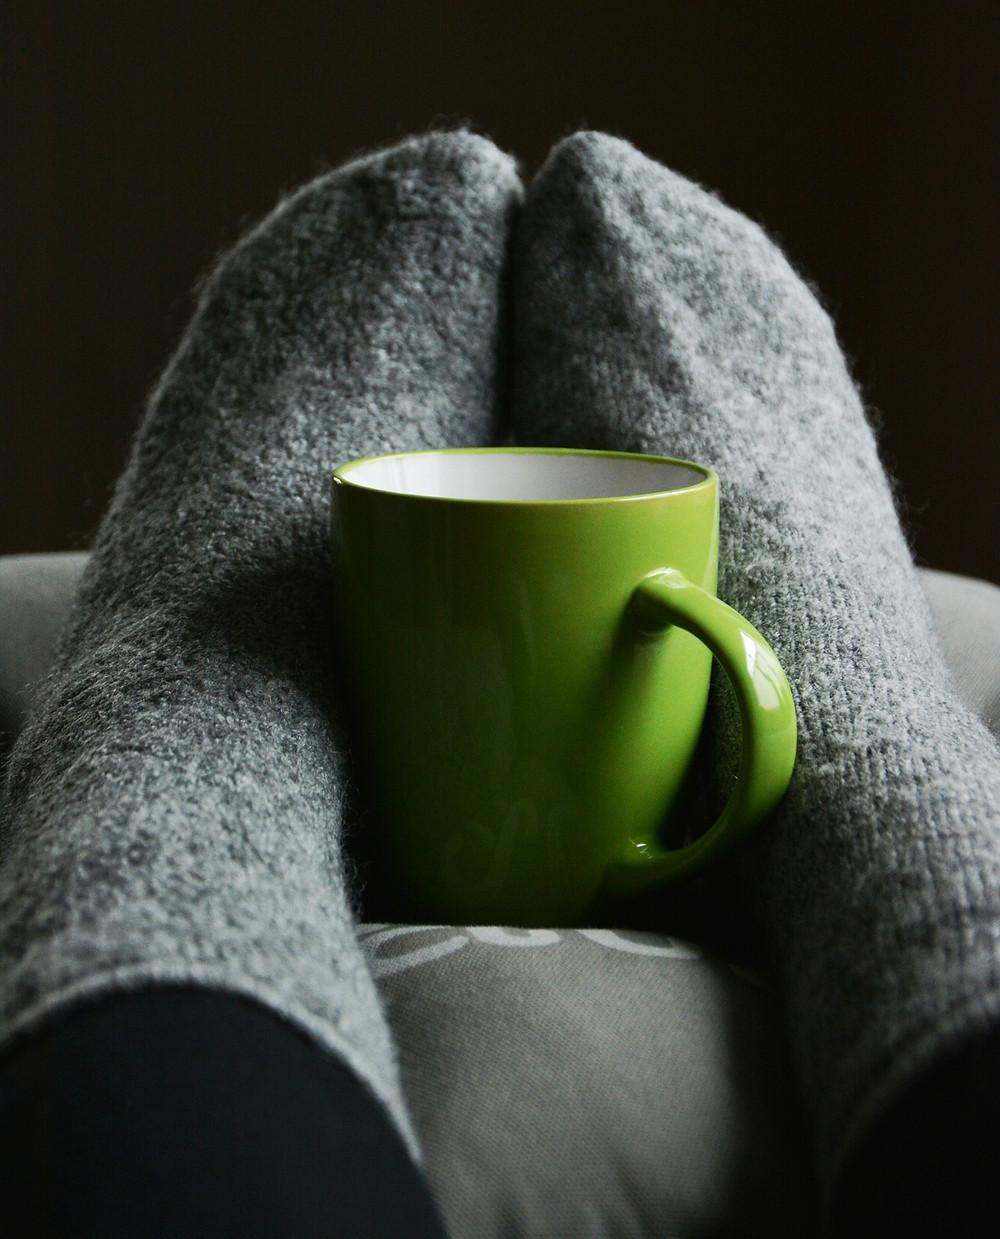 Warm woolly socks & a mug for a hot drink